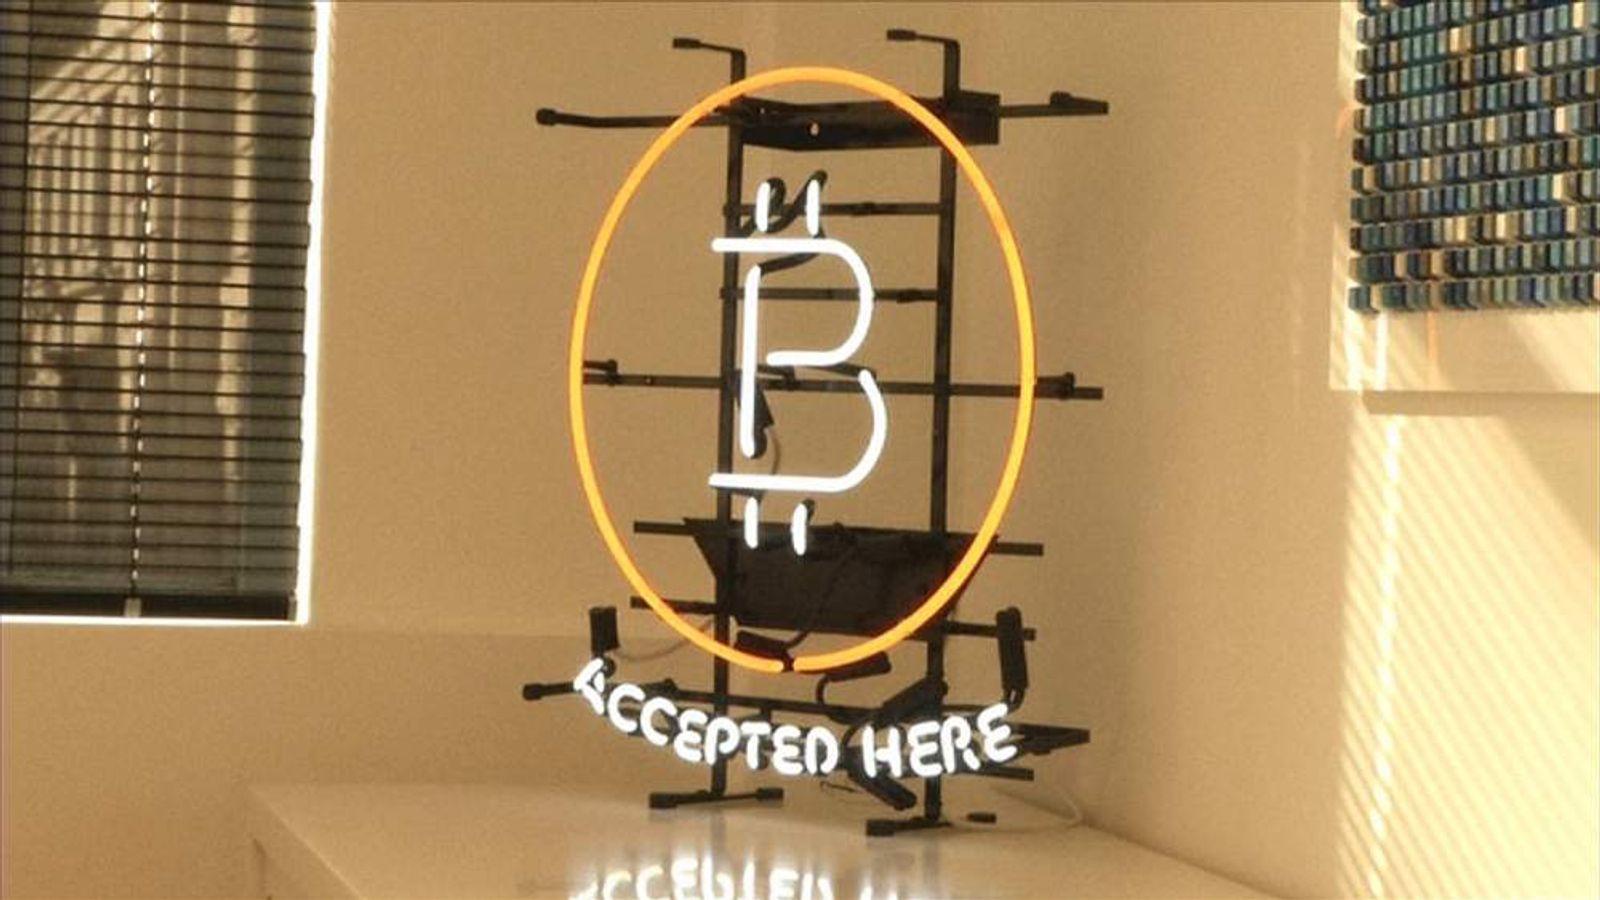 Hackforums bitcoin stealer - Winklevoss bitcoin investment